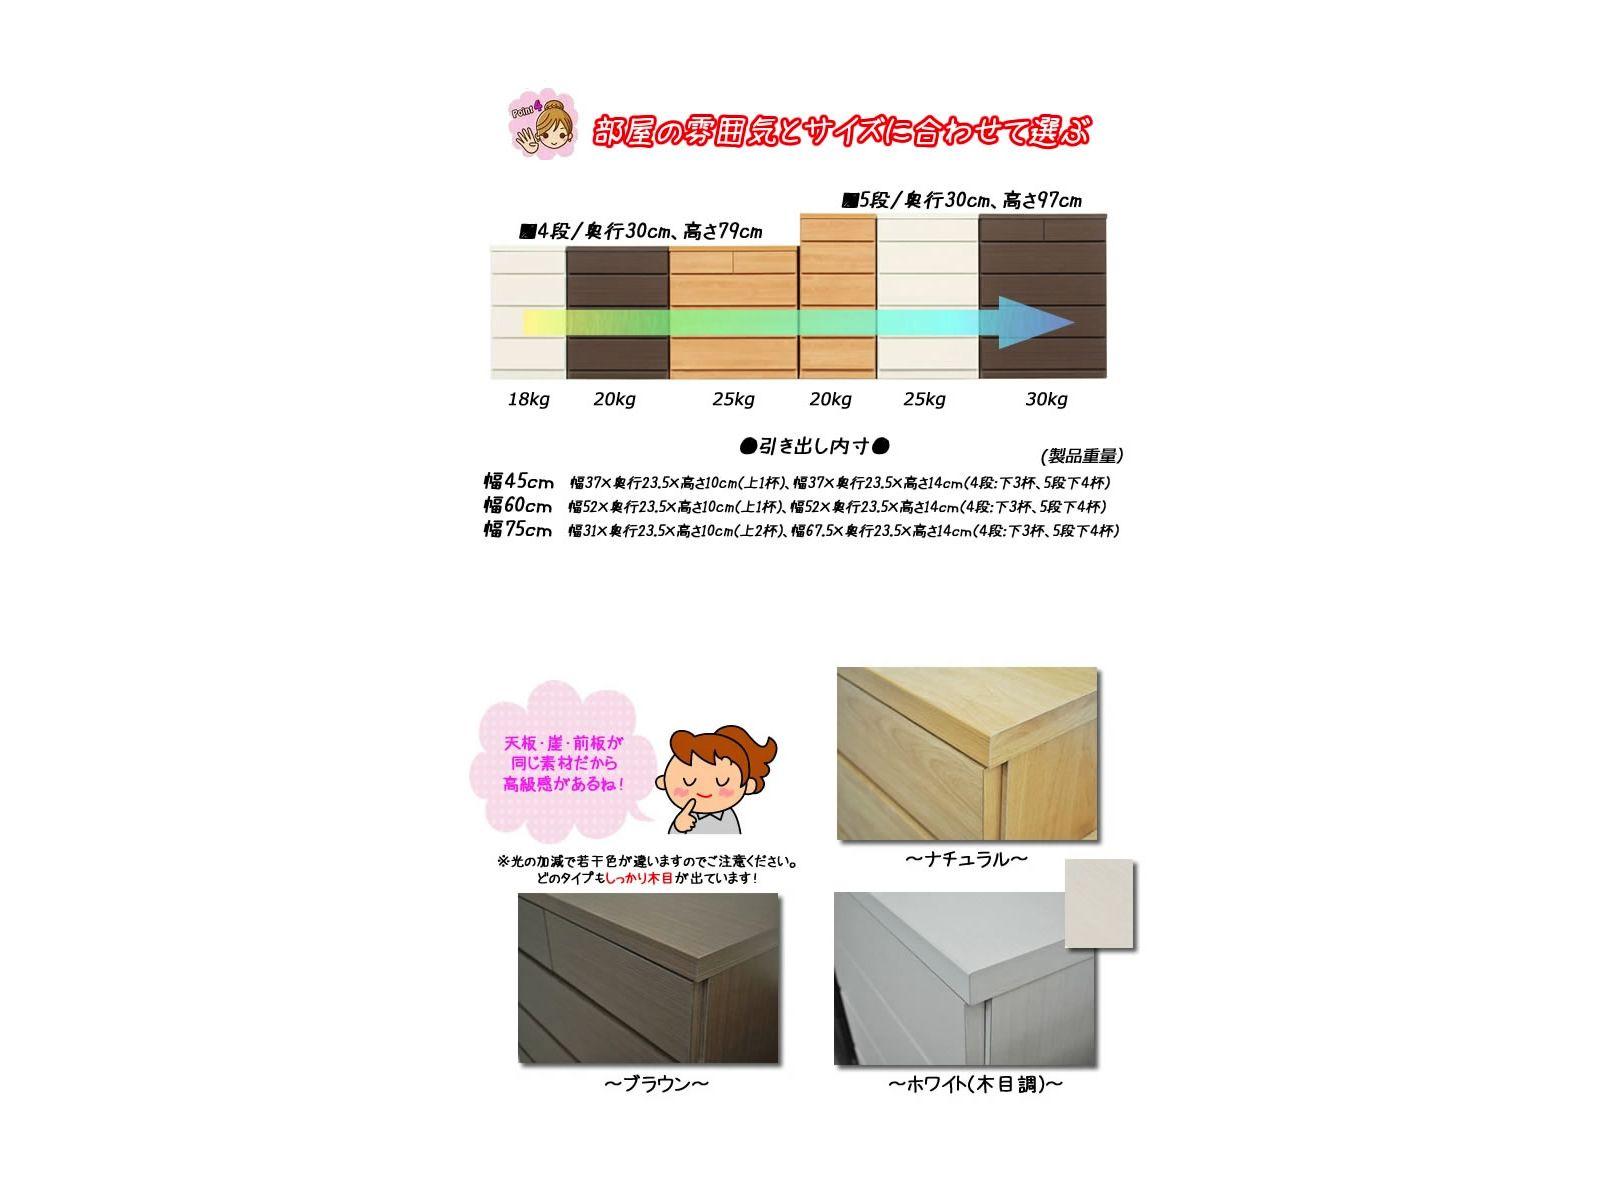 薄型チェスト(奥行30cm) 60cm幅4段タイプ(3色対応)